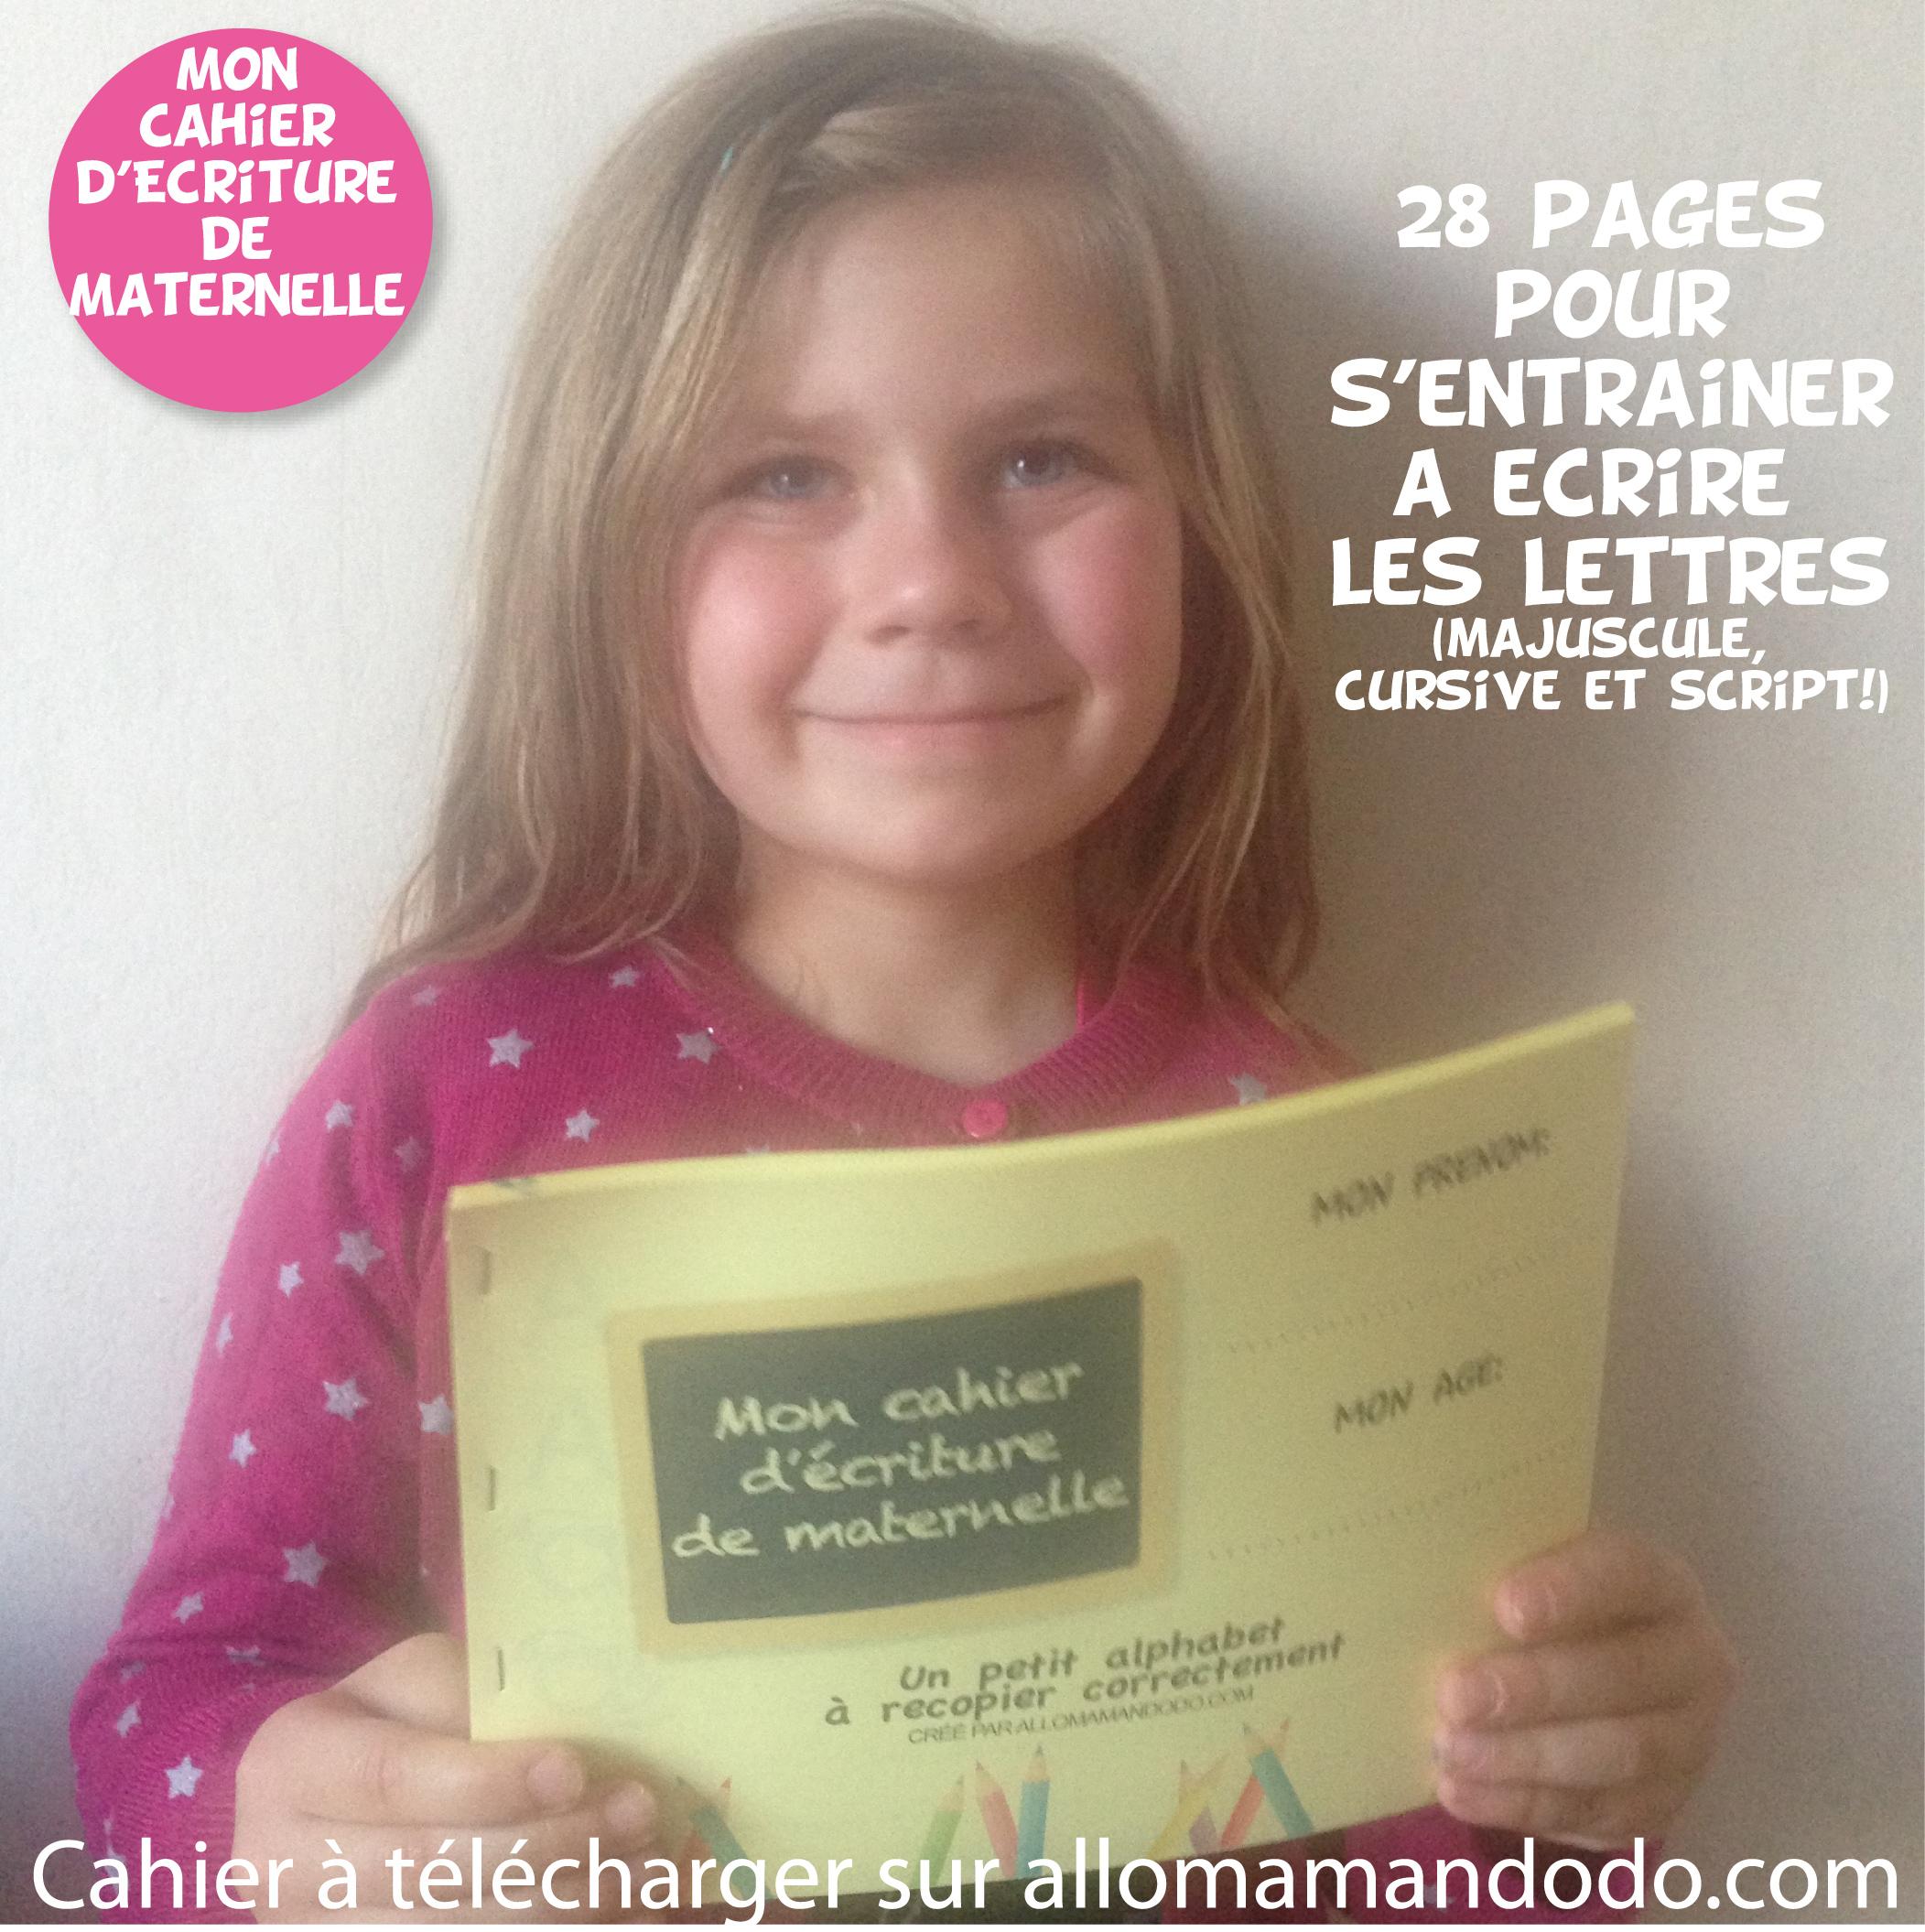 Le Cahier D'écriture De Maternelle À Télécharger ( Gratuit concernant Ecriture Maternelle Moyenne Section A Imprimer